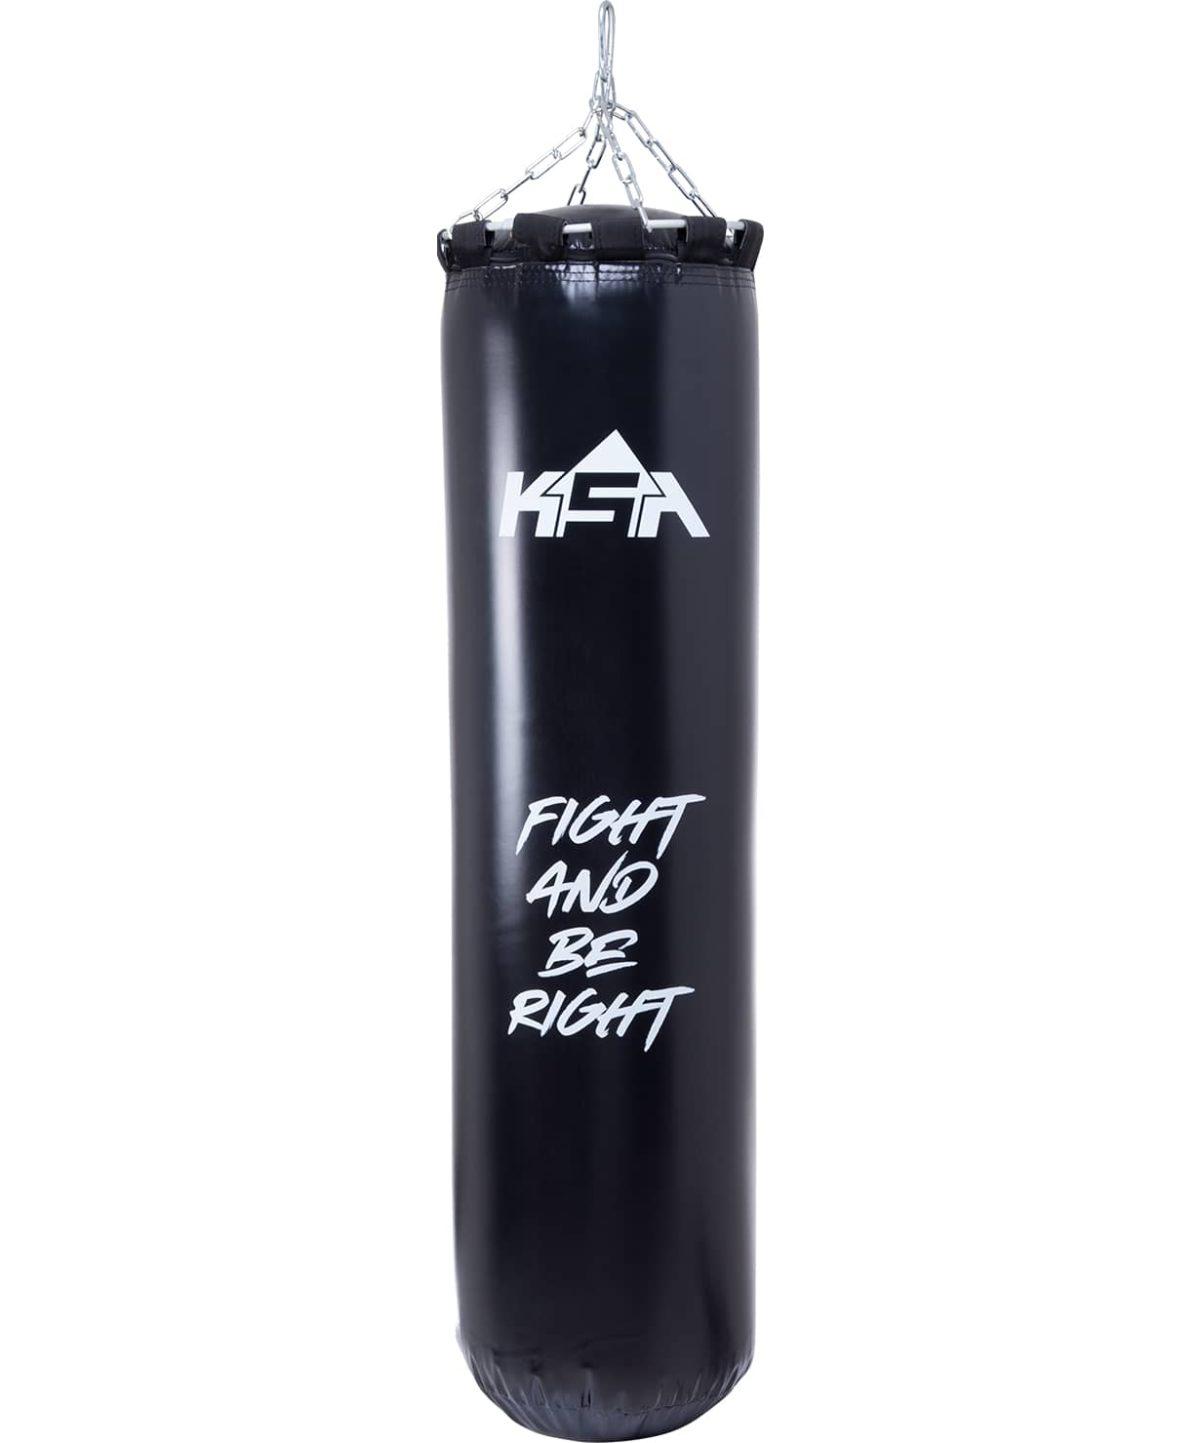 KSA Мешок боксерский ПВХ, 110 см, 35 кг  PB-02 - 1